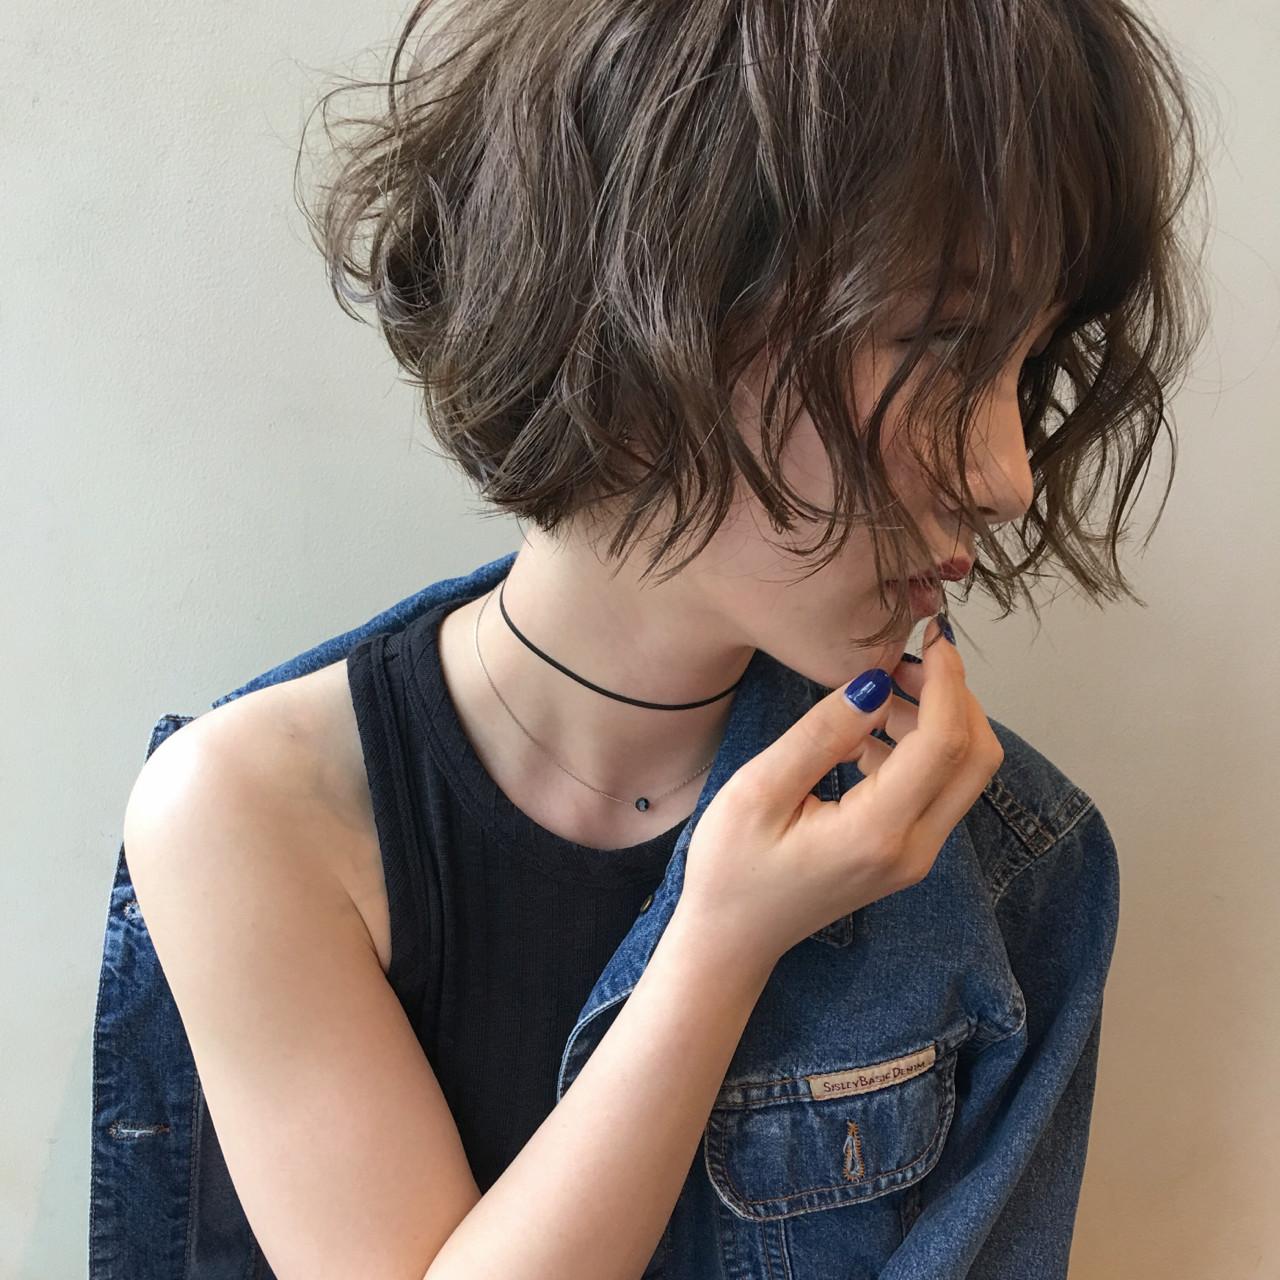 大人女子に人気の髪型とは?力の抜けたナチュラルさが魅力のヘアスタイル10選  齋藤純也